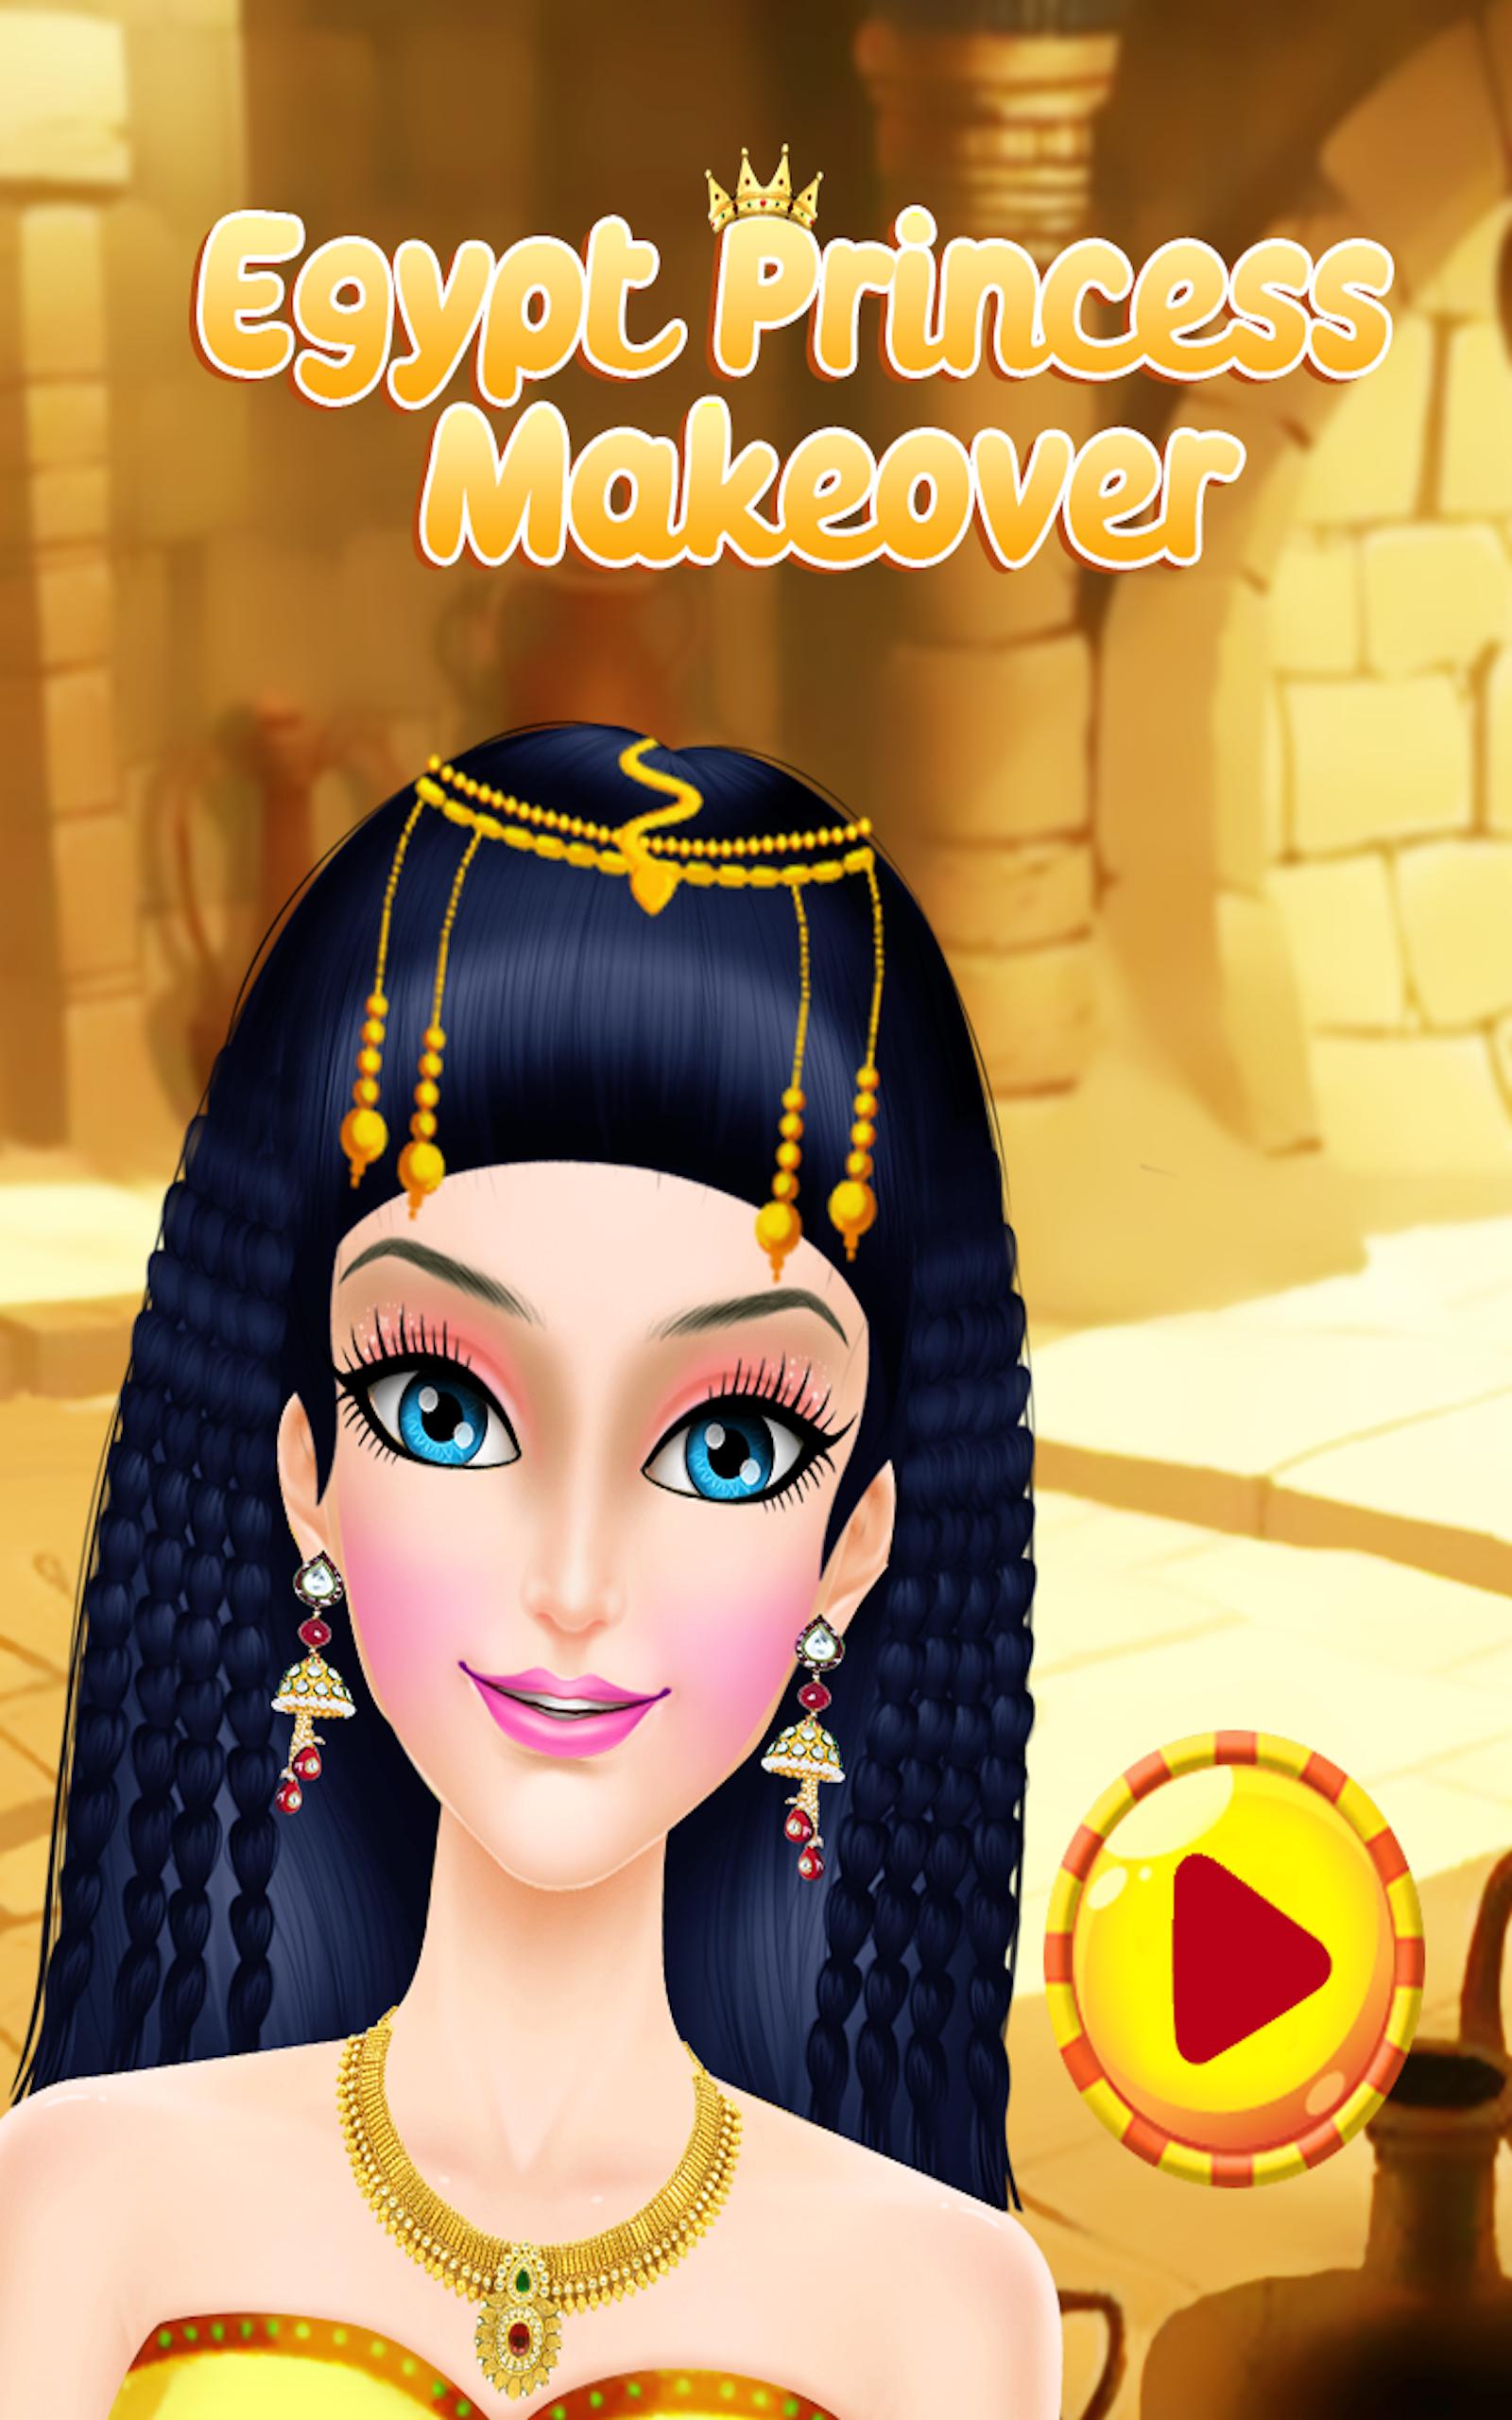 Amazon.com: Ancient Egypt Princess Salon - Egyptian Girl